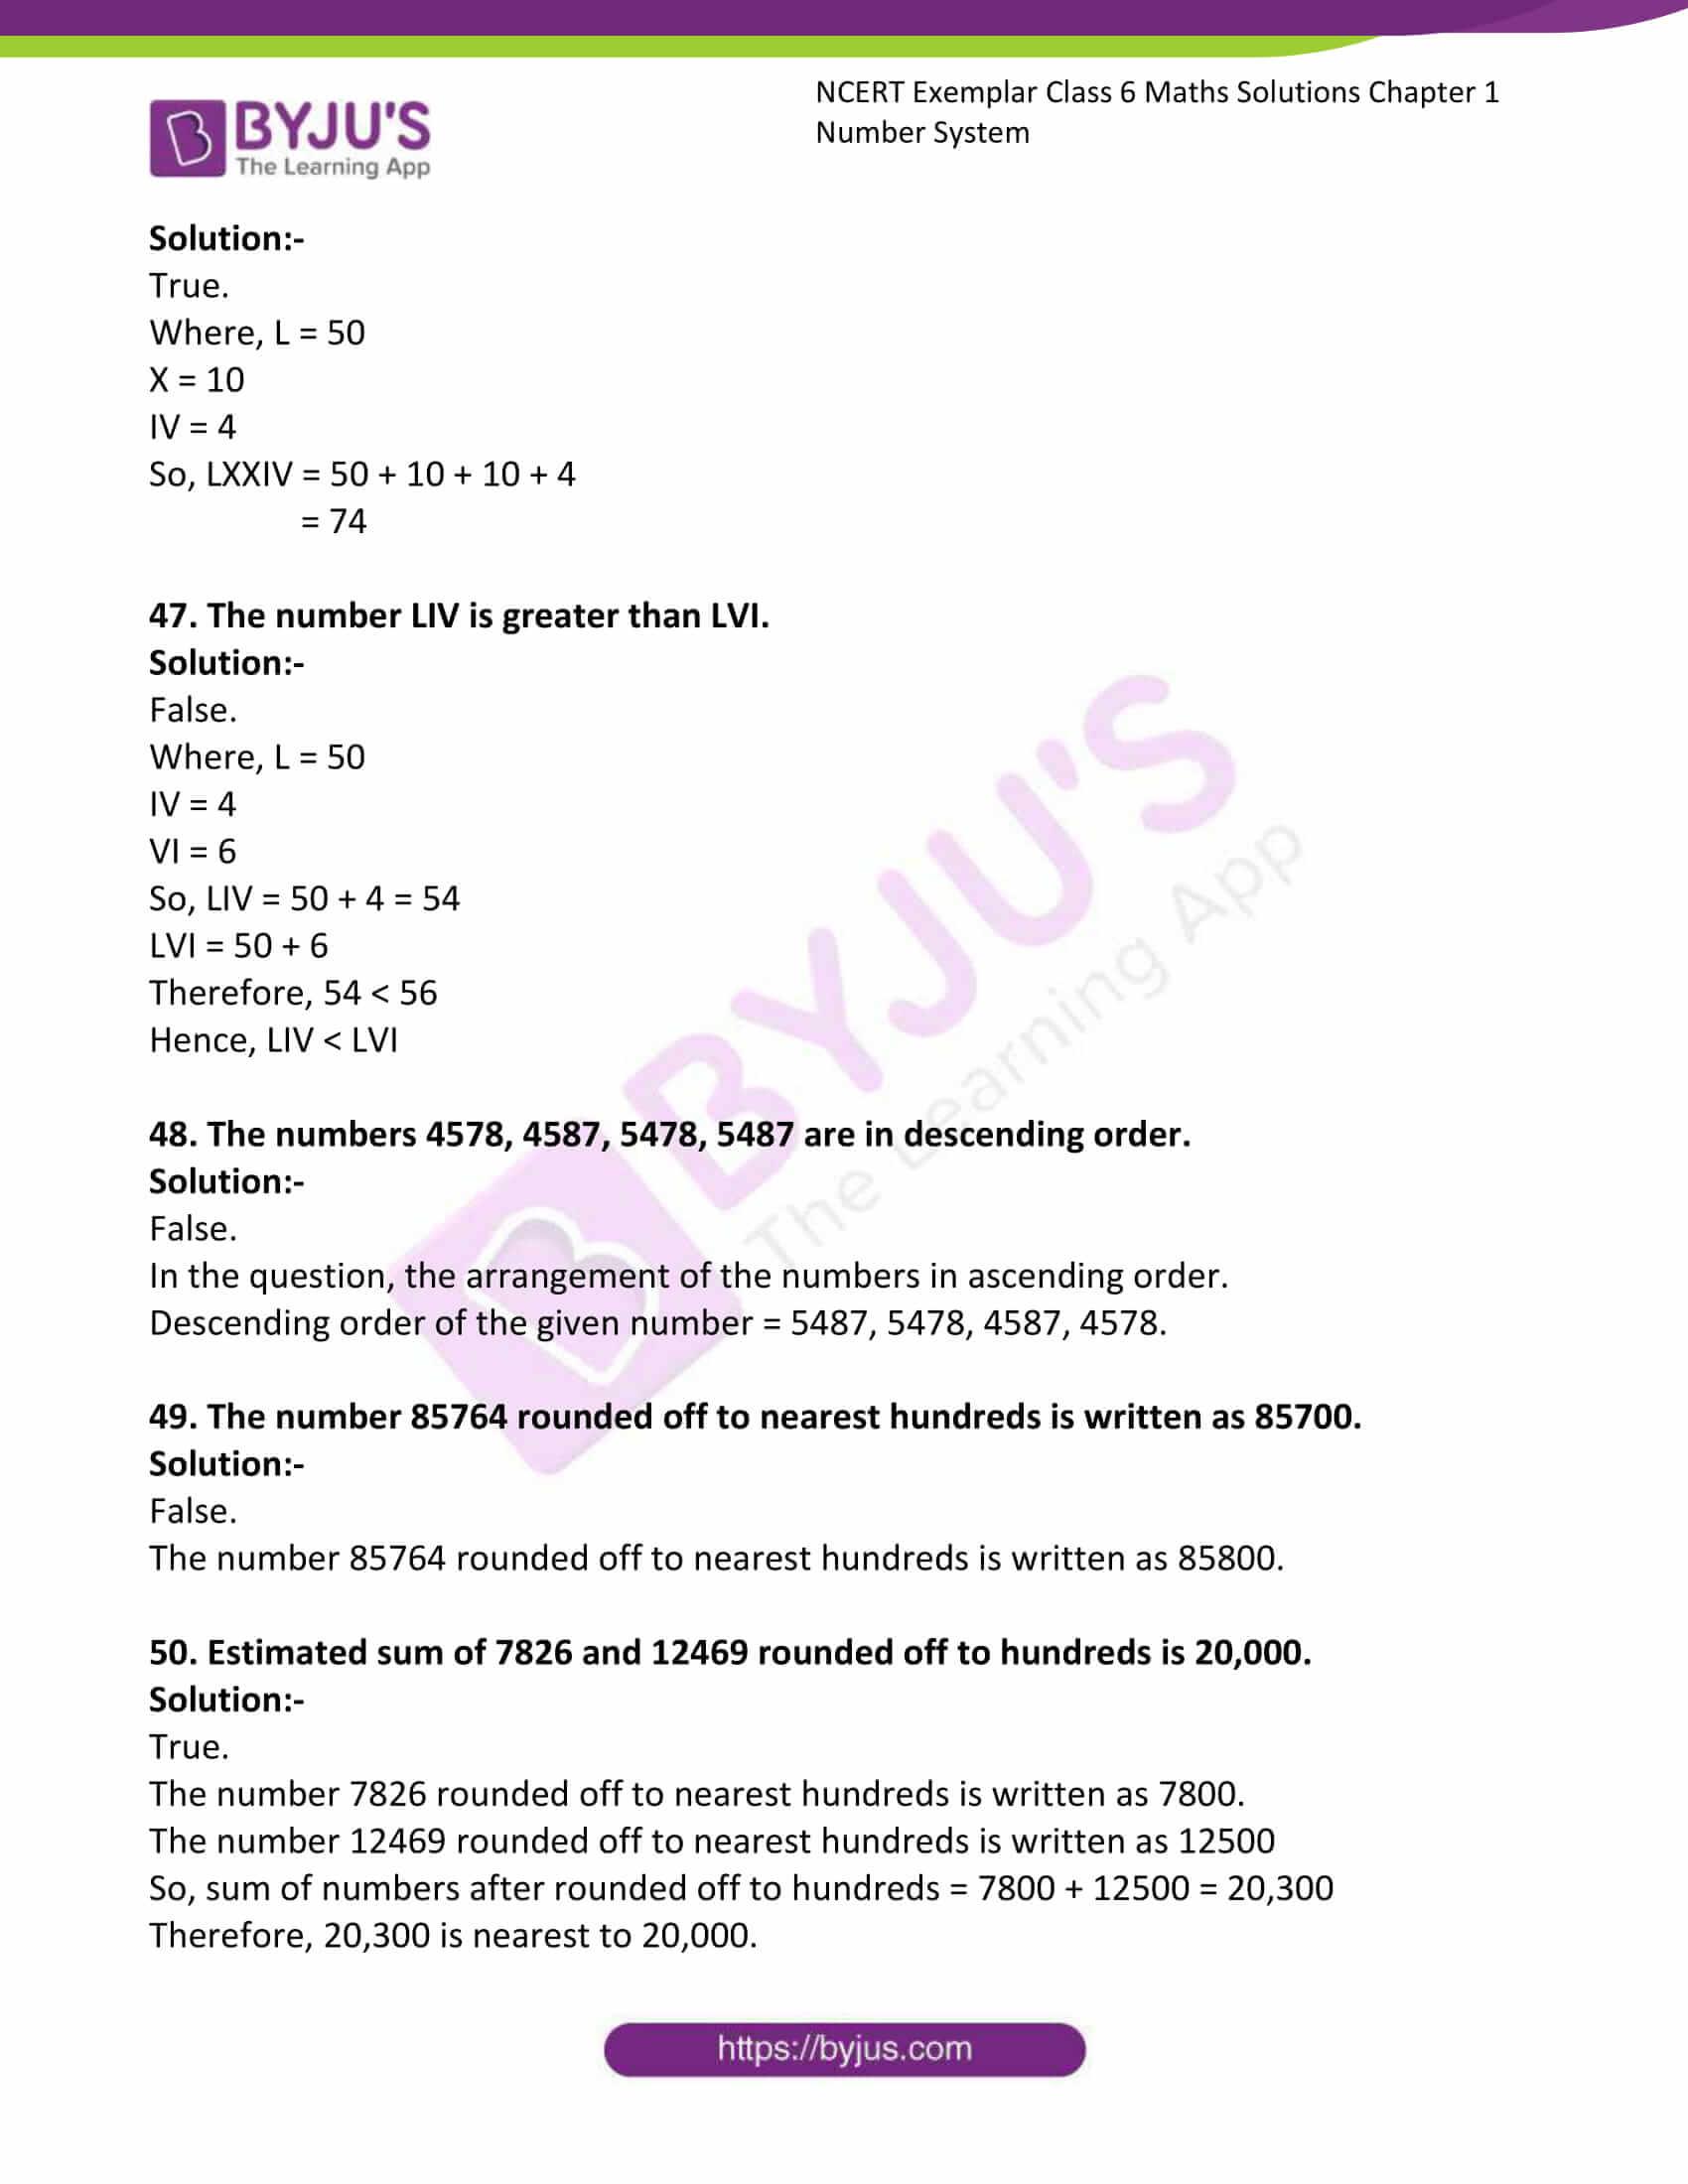 ncert exemplar class 6 maths sol ch 1 13